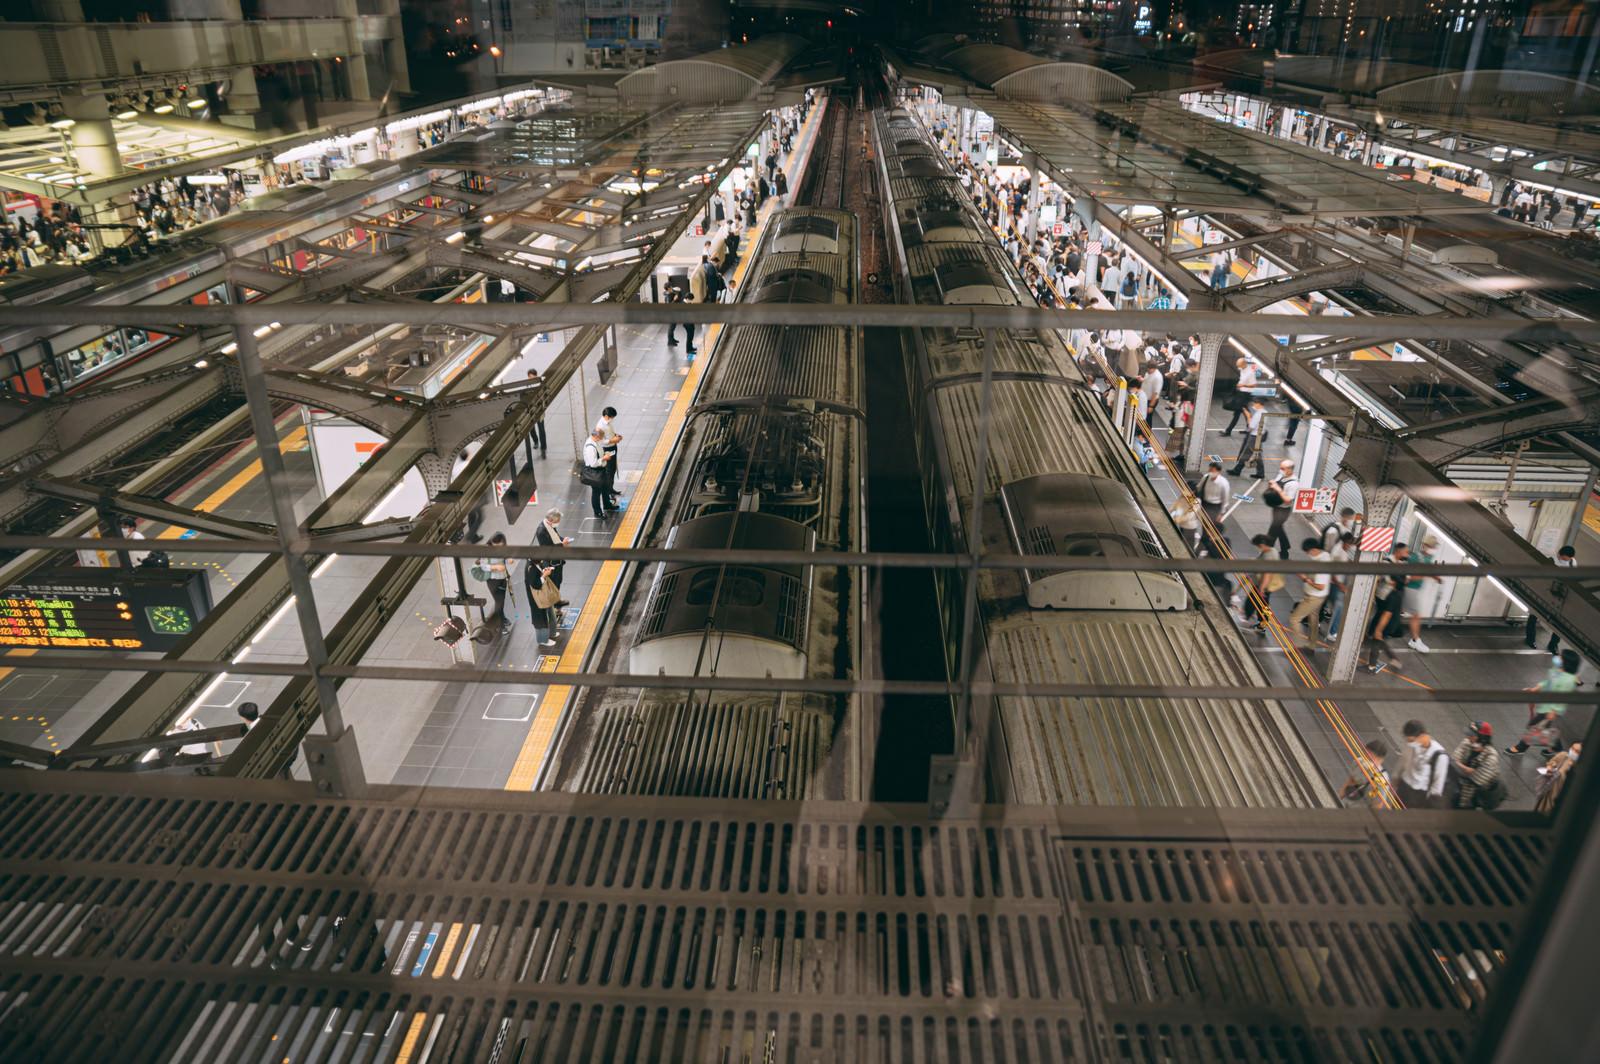 「大阪駅のホームに電車が入ってくる様子を俯瞰で撮影」の写真